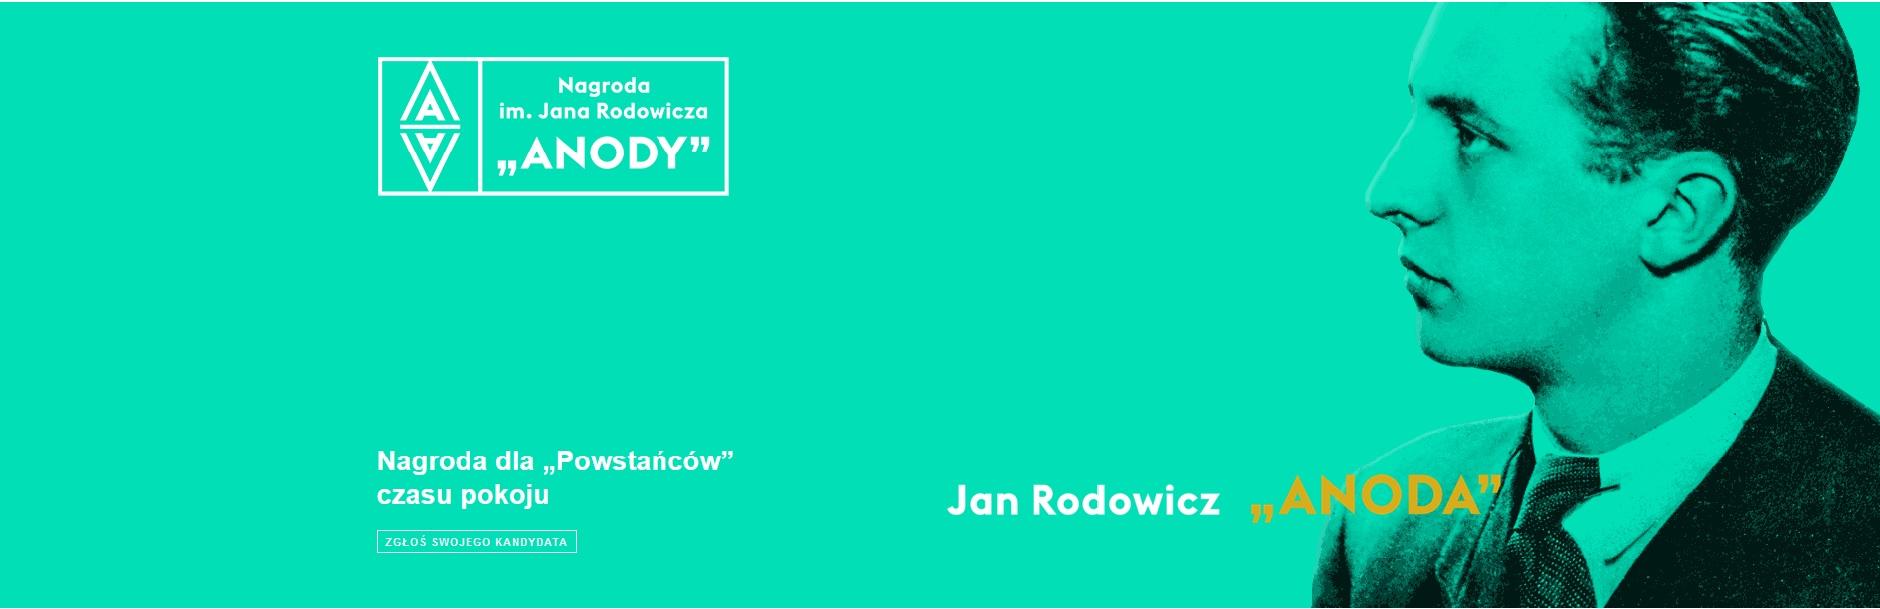 """IX edycja Nagrody im. Jana Rodowicza """" Anody""""- plakat informacyjny"""